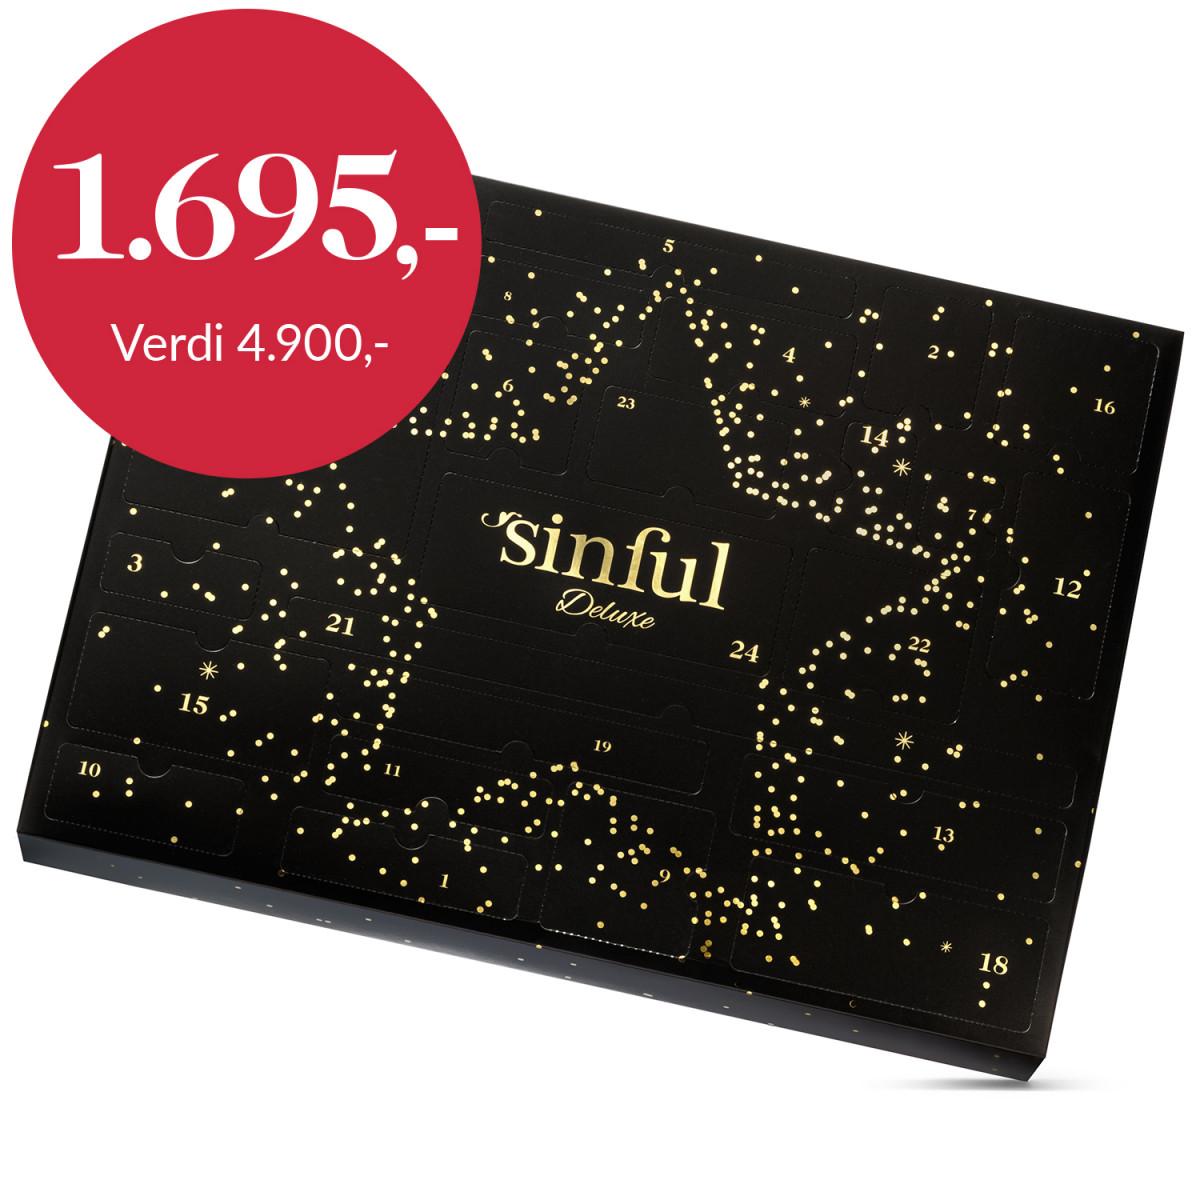 Sinful Deluxe Julekalender 2020 produktbilde 13